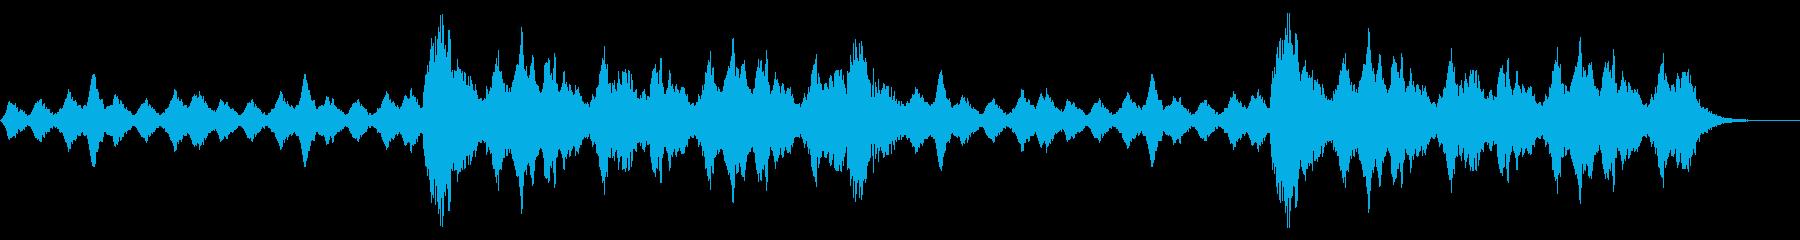 不安になるようなホラーBGMの再生済みの波形